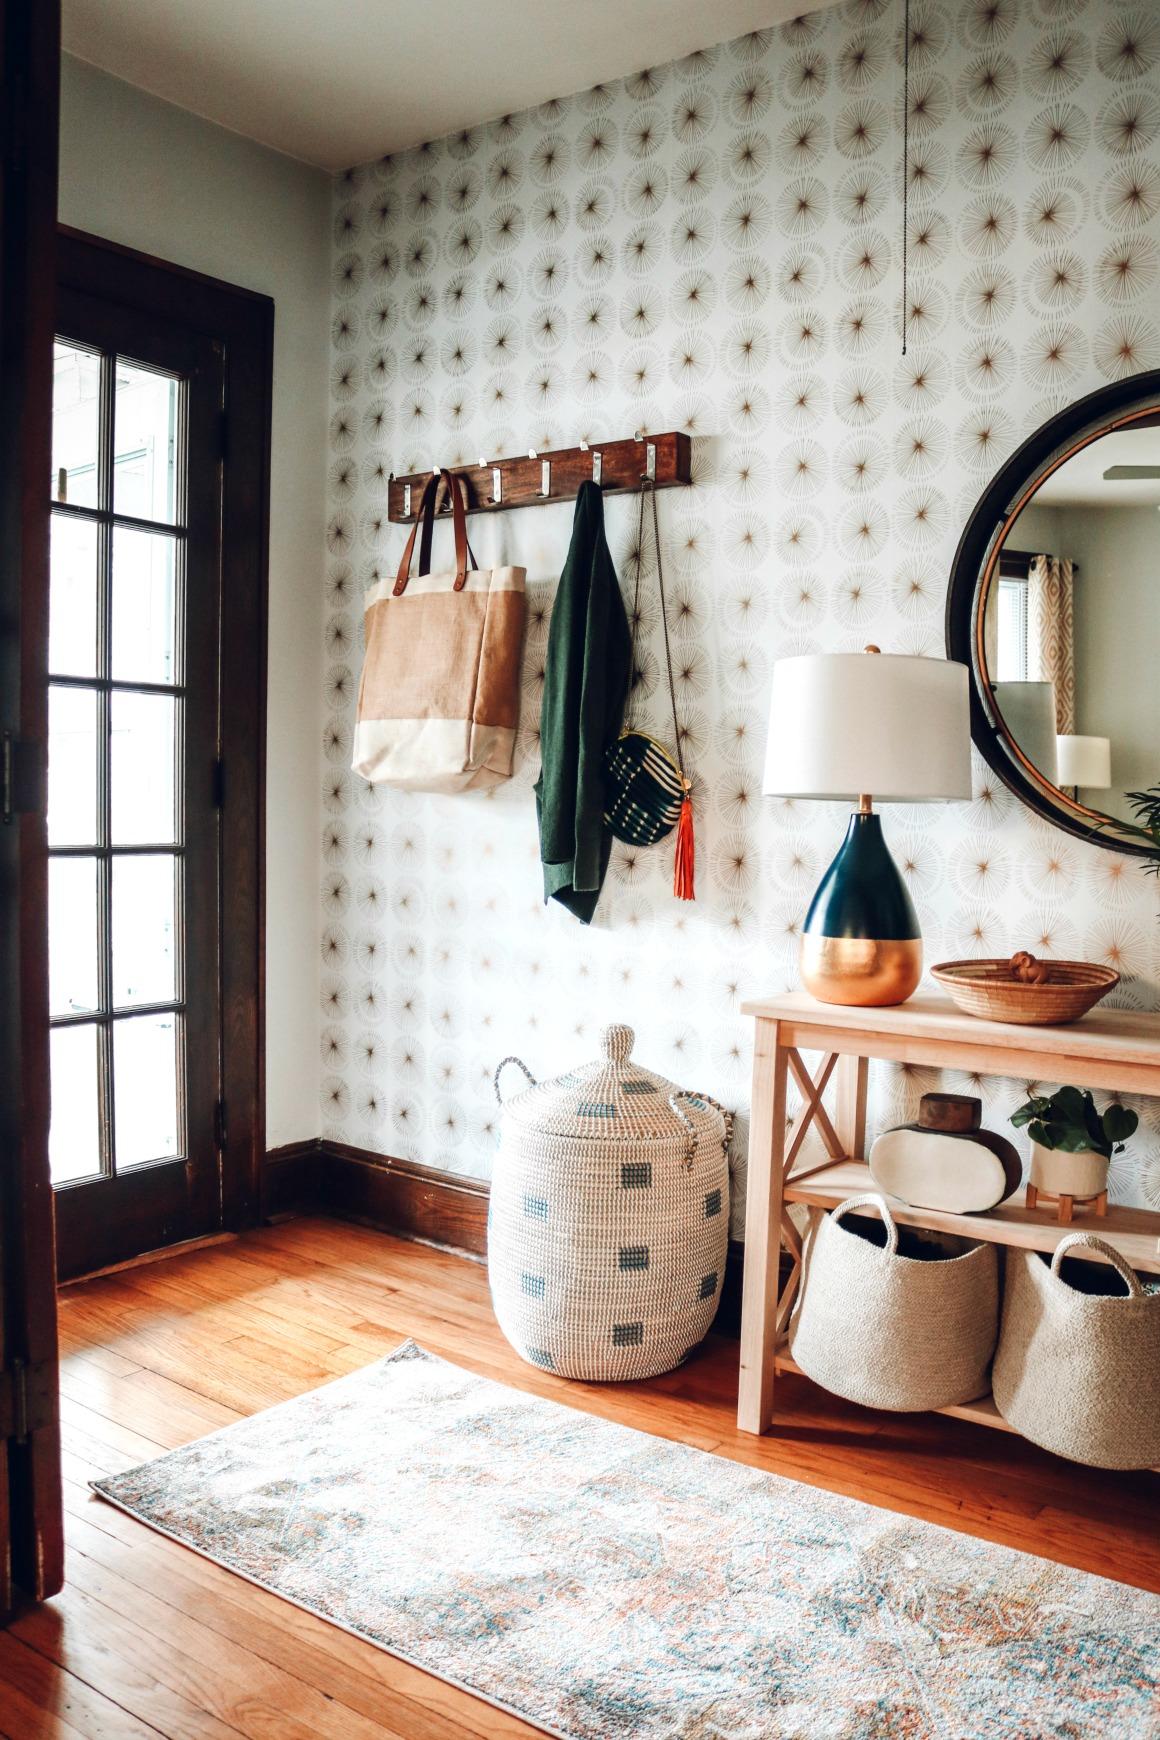 Entry Ideas with No Closet!